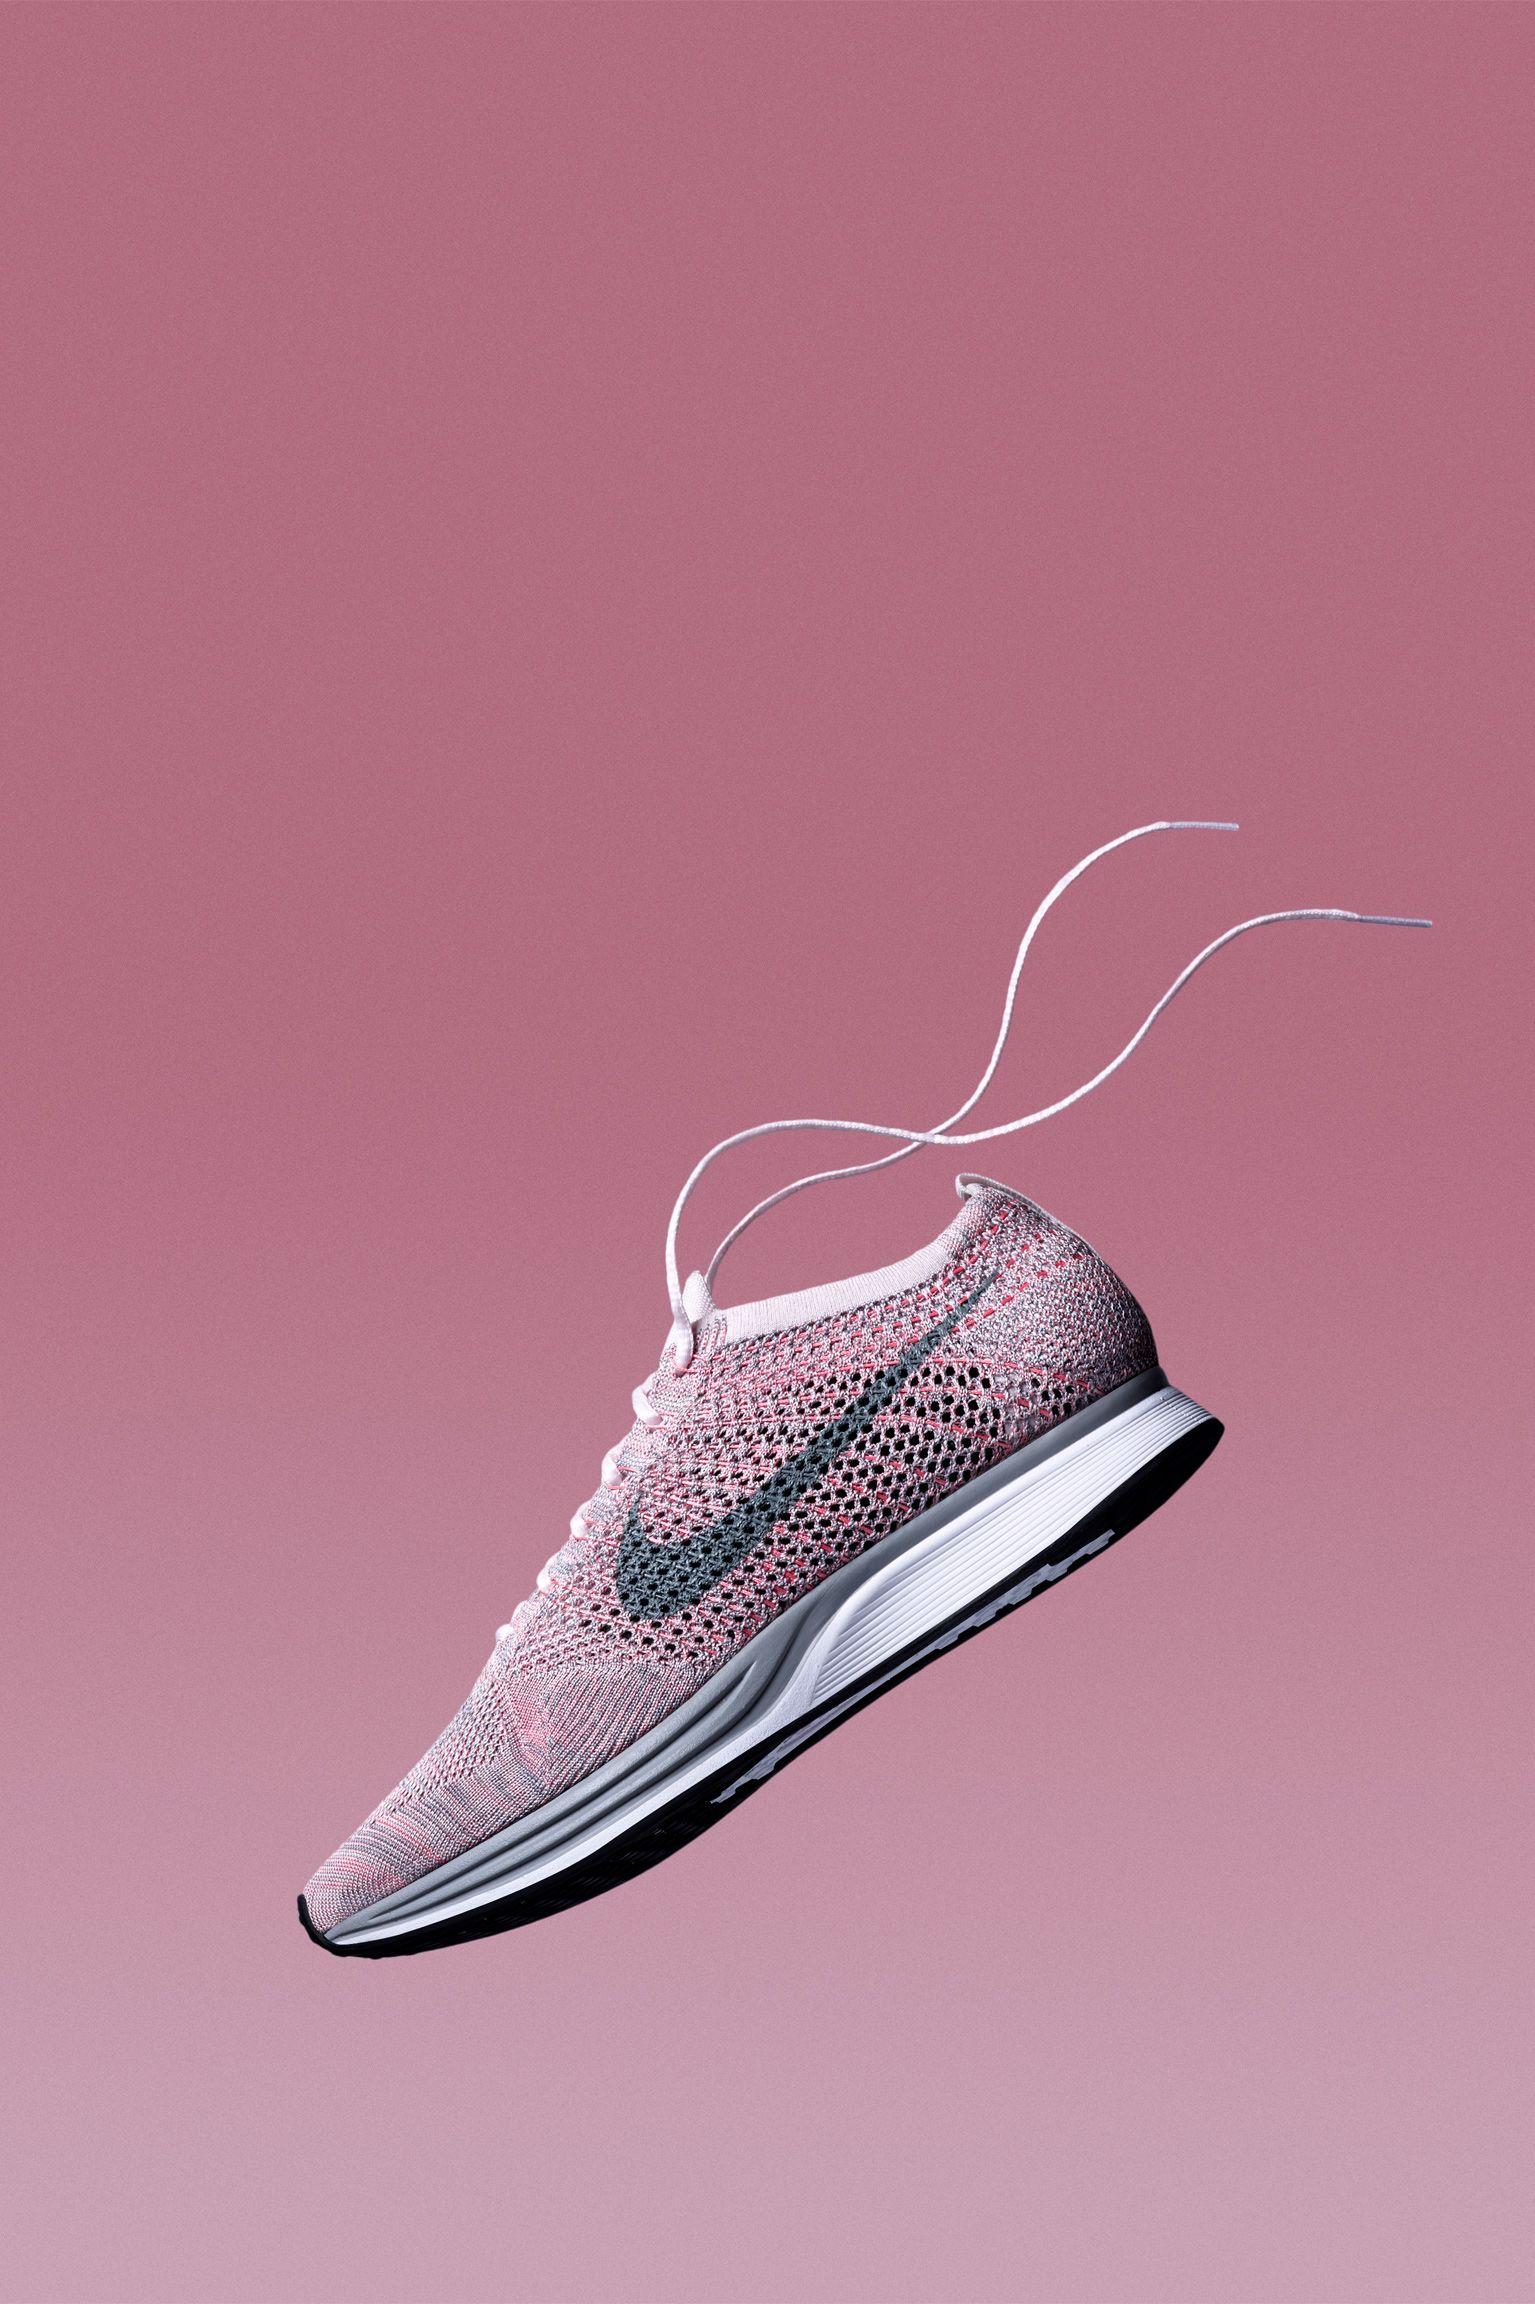 Nike Flyknit Racer 'Strawberry' Release Date